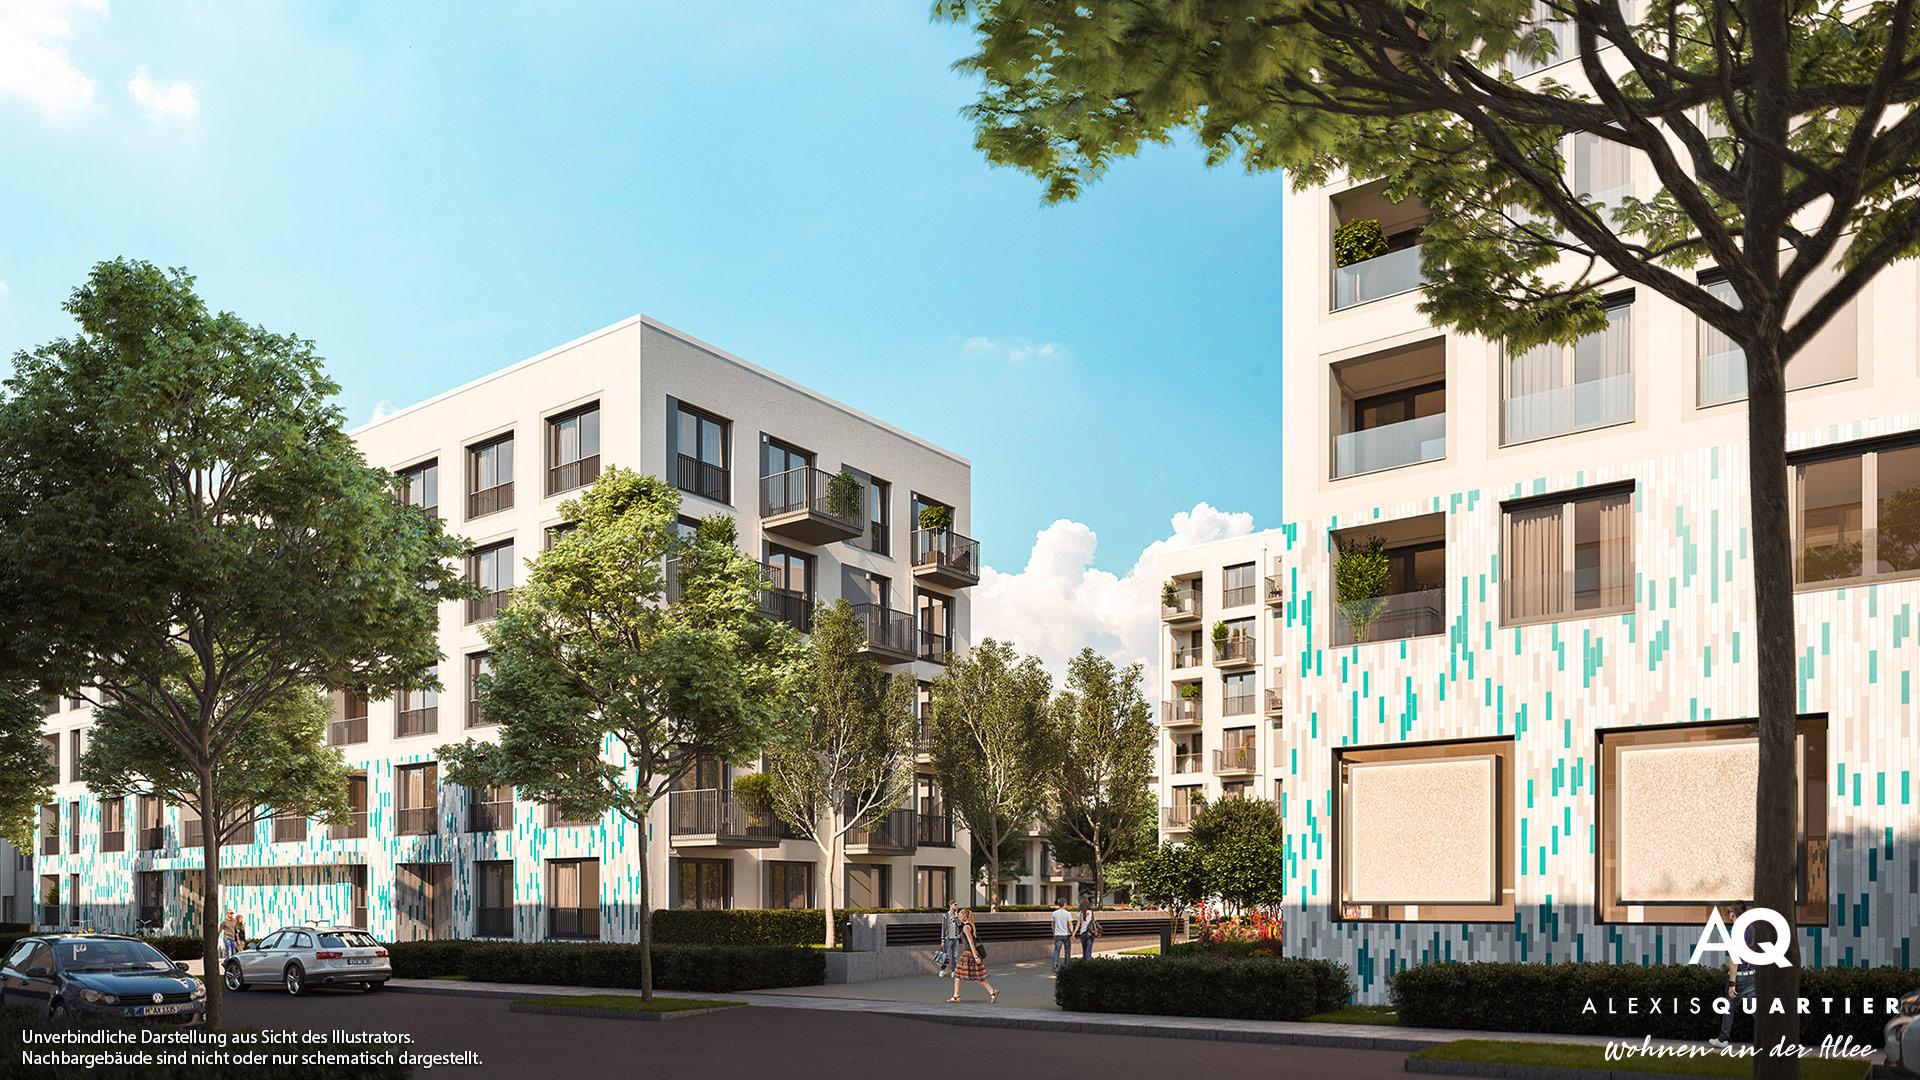 Immobilie Alexisquartier - Wohnen an der Allee - Illustration 2